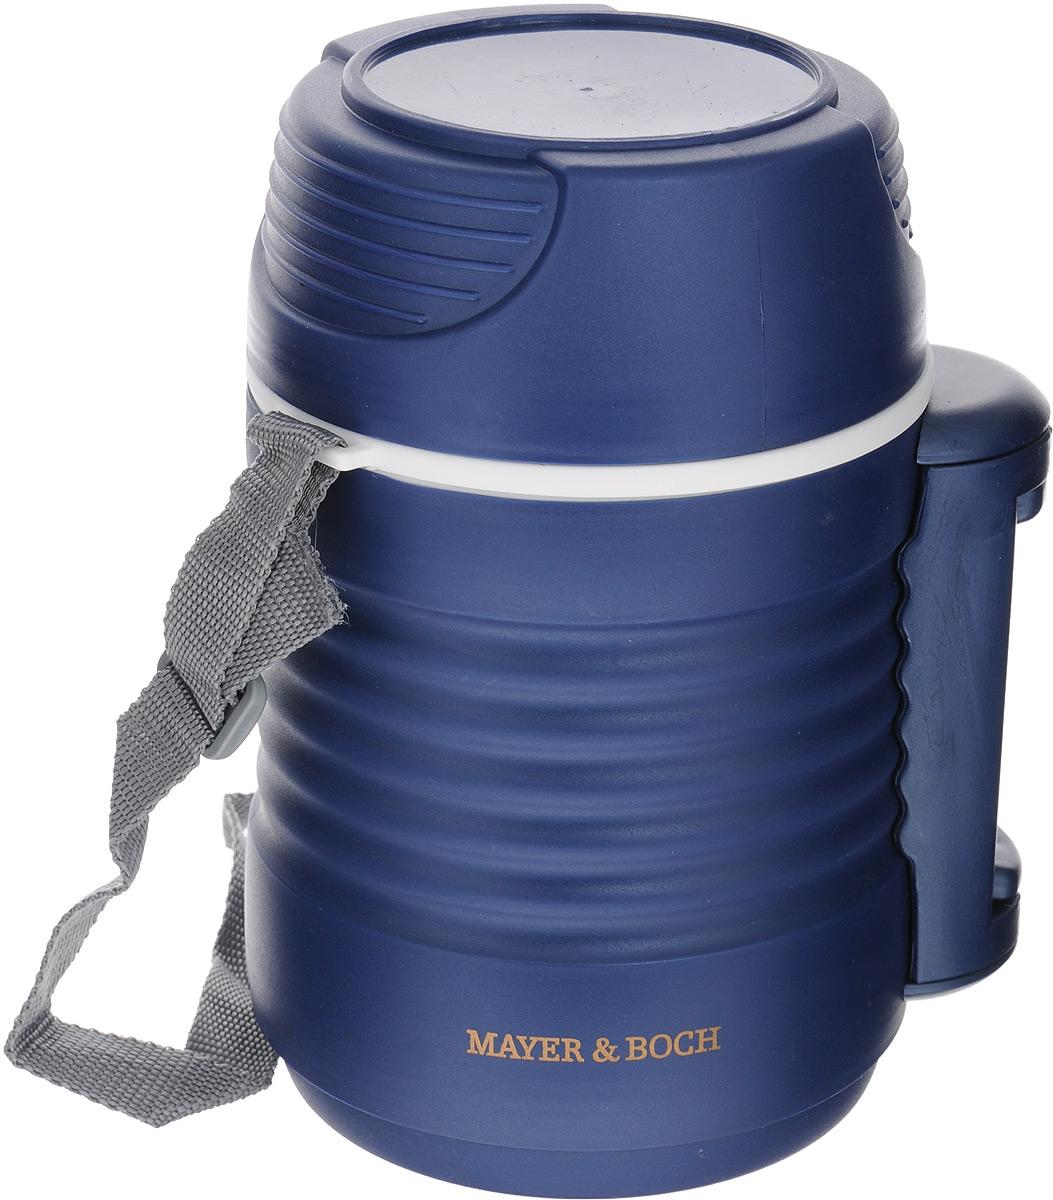 Термос пищевой Mayer & Boch, с 2 контейнерами, цвет: синий, 1,3 л23732Термос пищевой Mayer & Boch предназначен для длительного хранения горячих и холодных блюд. Цветной корпус выполнен из пищевого полипропилена (пластика). Внутренний резервуар изготовлен из высококачественной нержавеющей стали, не вступающей в реакцию с продуктами и не искажающей вкус приготовленных блюд. В широкое горлышко термоса помещены два контейнера с крышками, изготовленные из пищевого пластика белого цвета. Крышки легко открываются и плотно закрываются. Это идеальный вариант для переноски сразу нескольких разных блюд.Благодаря текстильному ремню и боковой ручке, термос легко и удобно транспортировать. Данный термос обладает не только прекрасными термоизоляционными качествами, но и непревзойденной надежностью. Диаметр термоса: 10,5 см. Высота термоса (без учета крышки): 19 см. Высота термоса (с учетом крышки): 22 см. Диаметр контейнеров: 10 см, 10 см. Высота контейнеров: 5 см, 9,5 см.